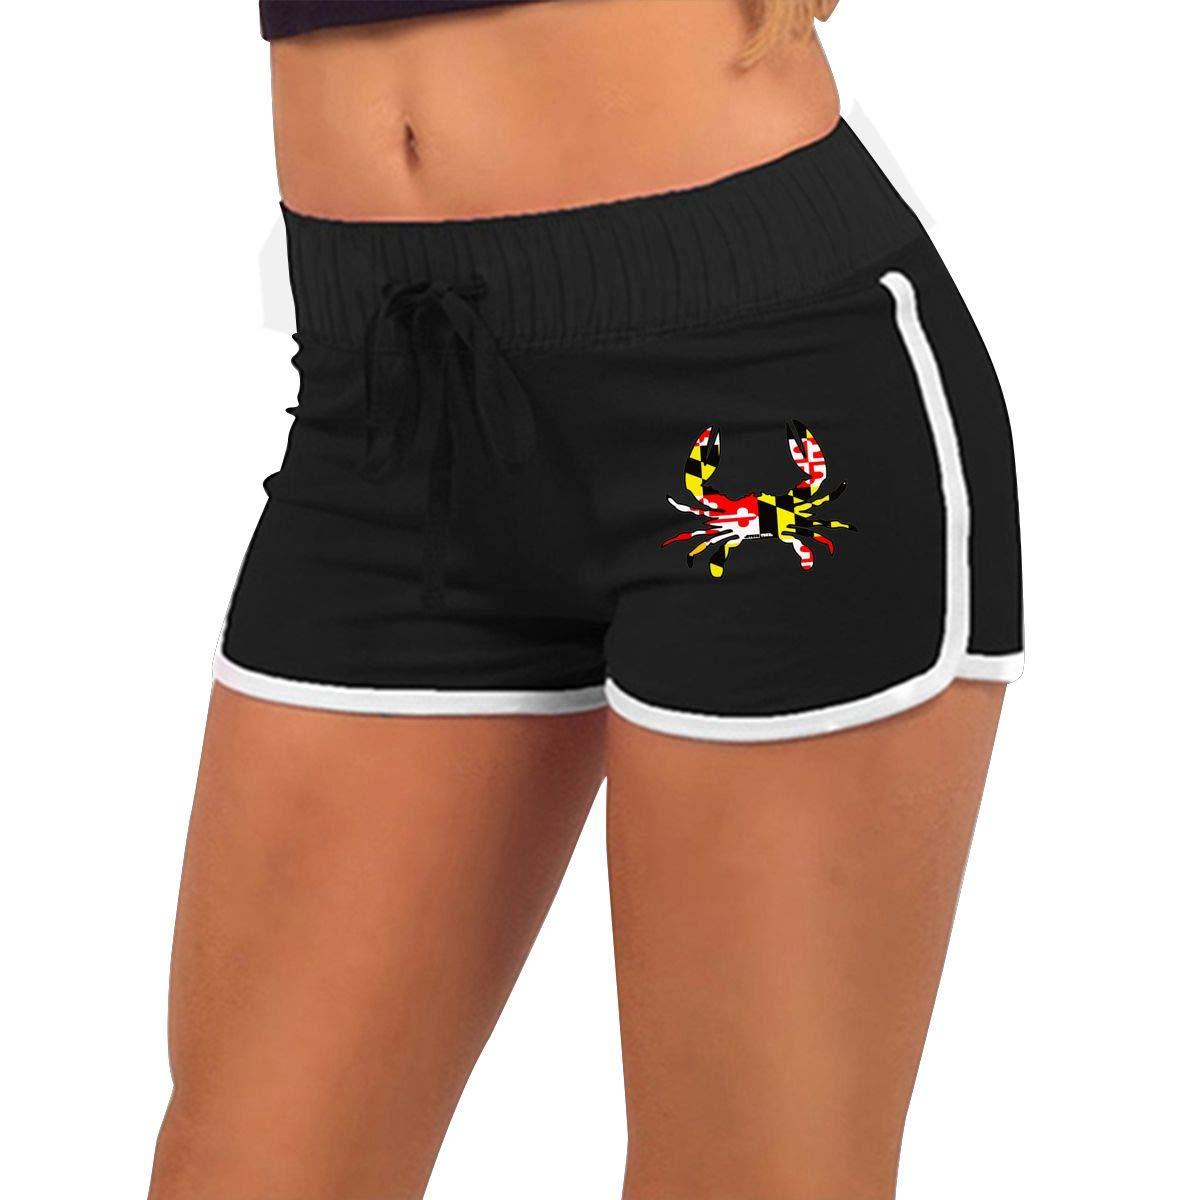 Womens Fashion Maryland Flag Crab Jogger Sweatpant Training Gym Hot Shorts